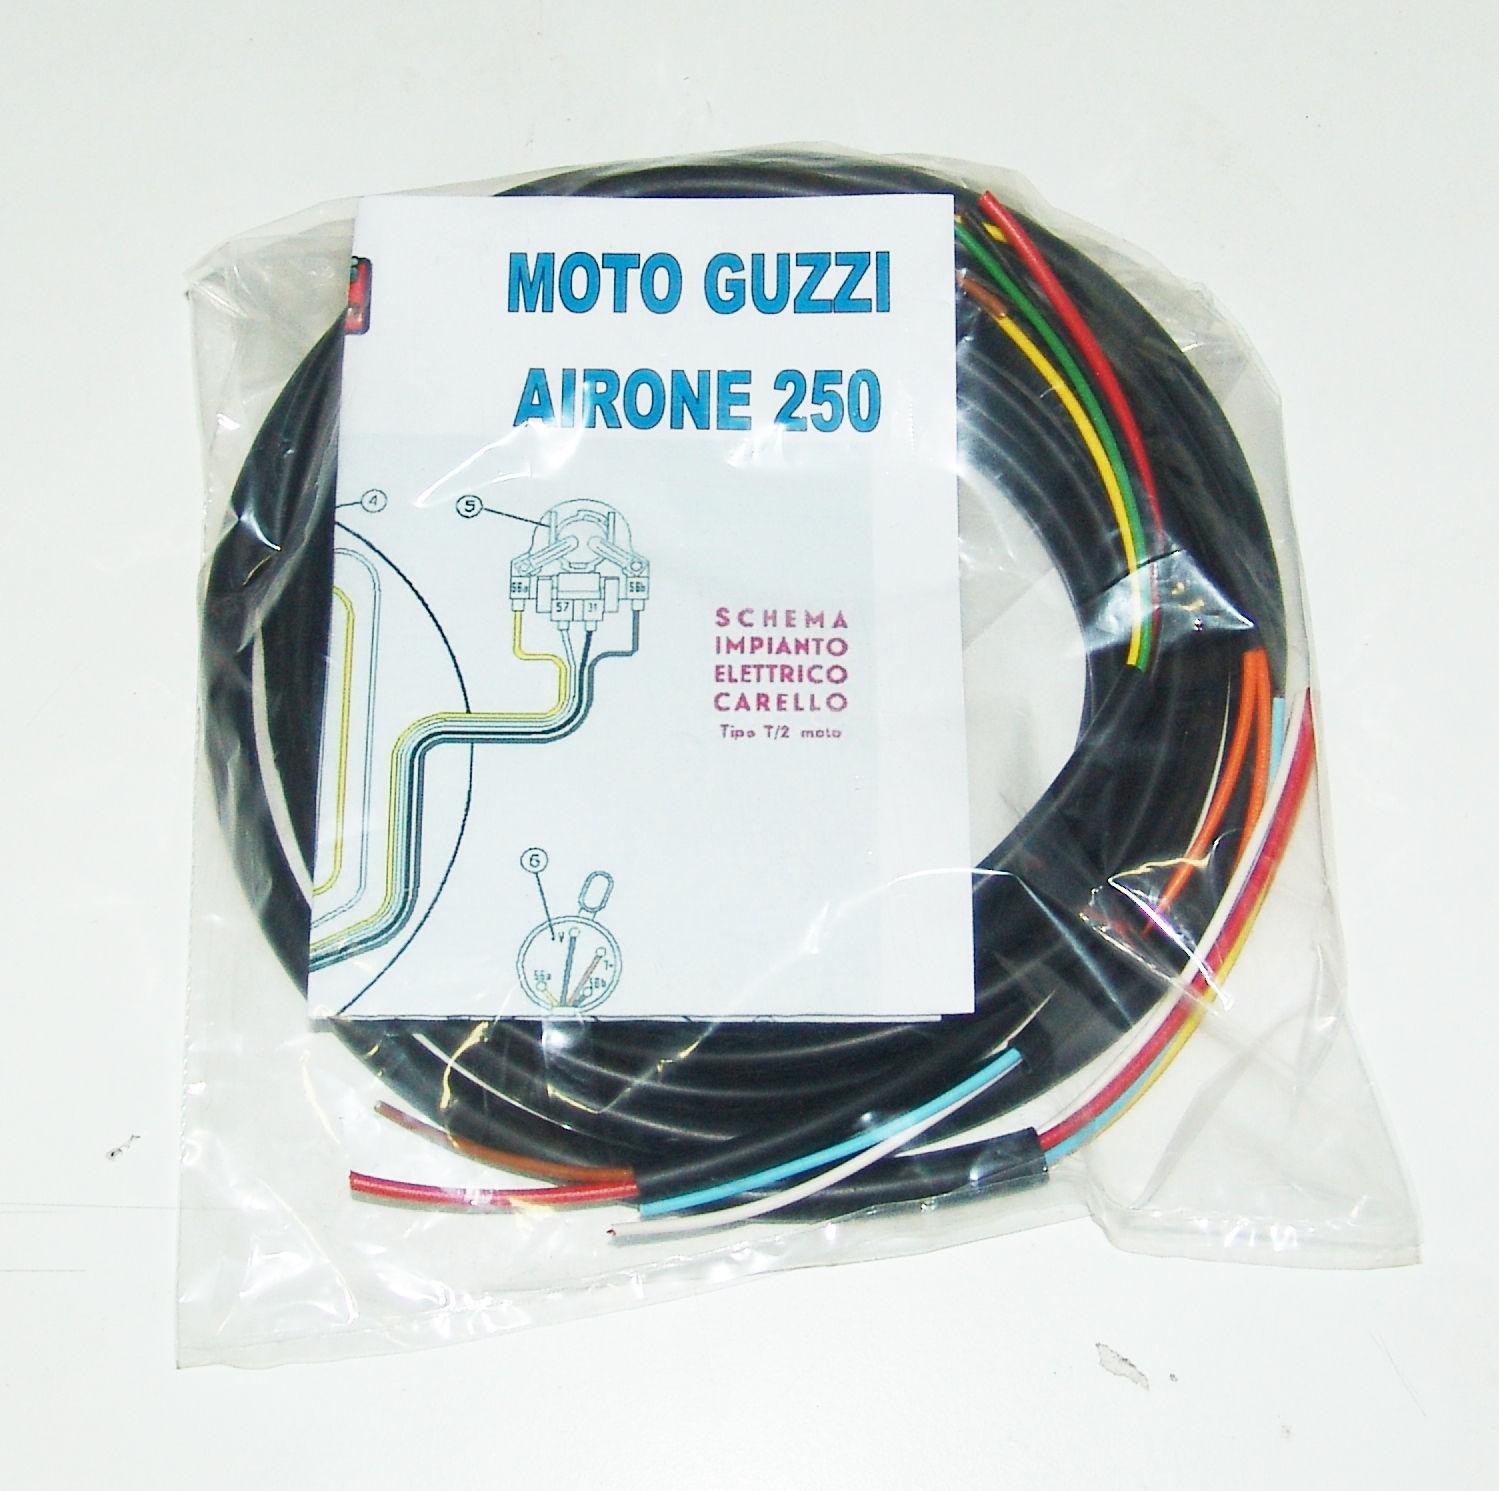 Schemi Elettrici Guzzi : Impianti elettrici moto impianto elettrico electrical wiring moto